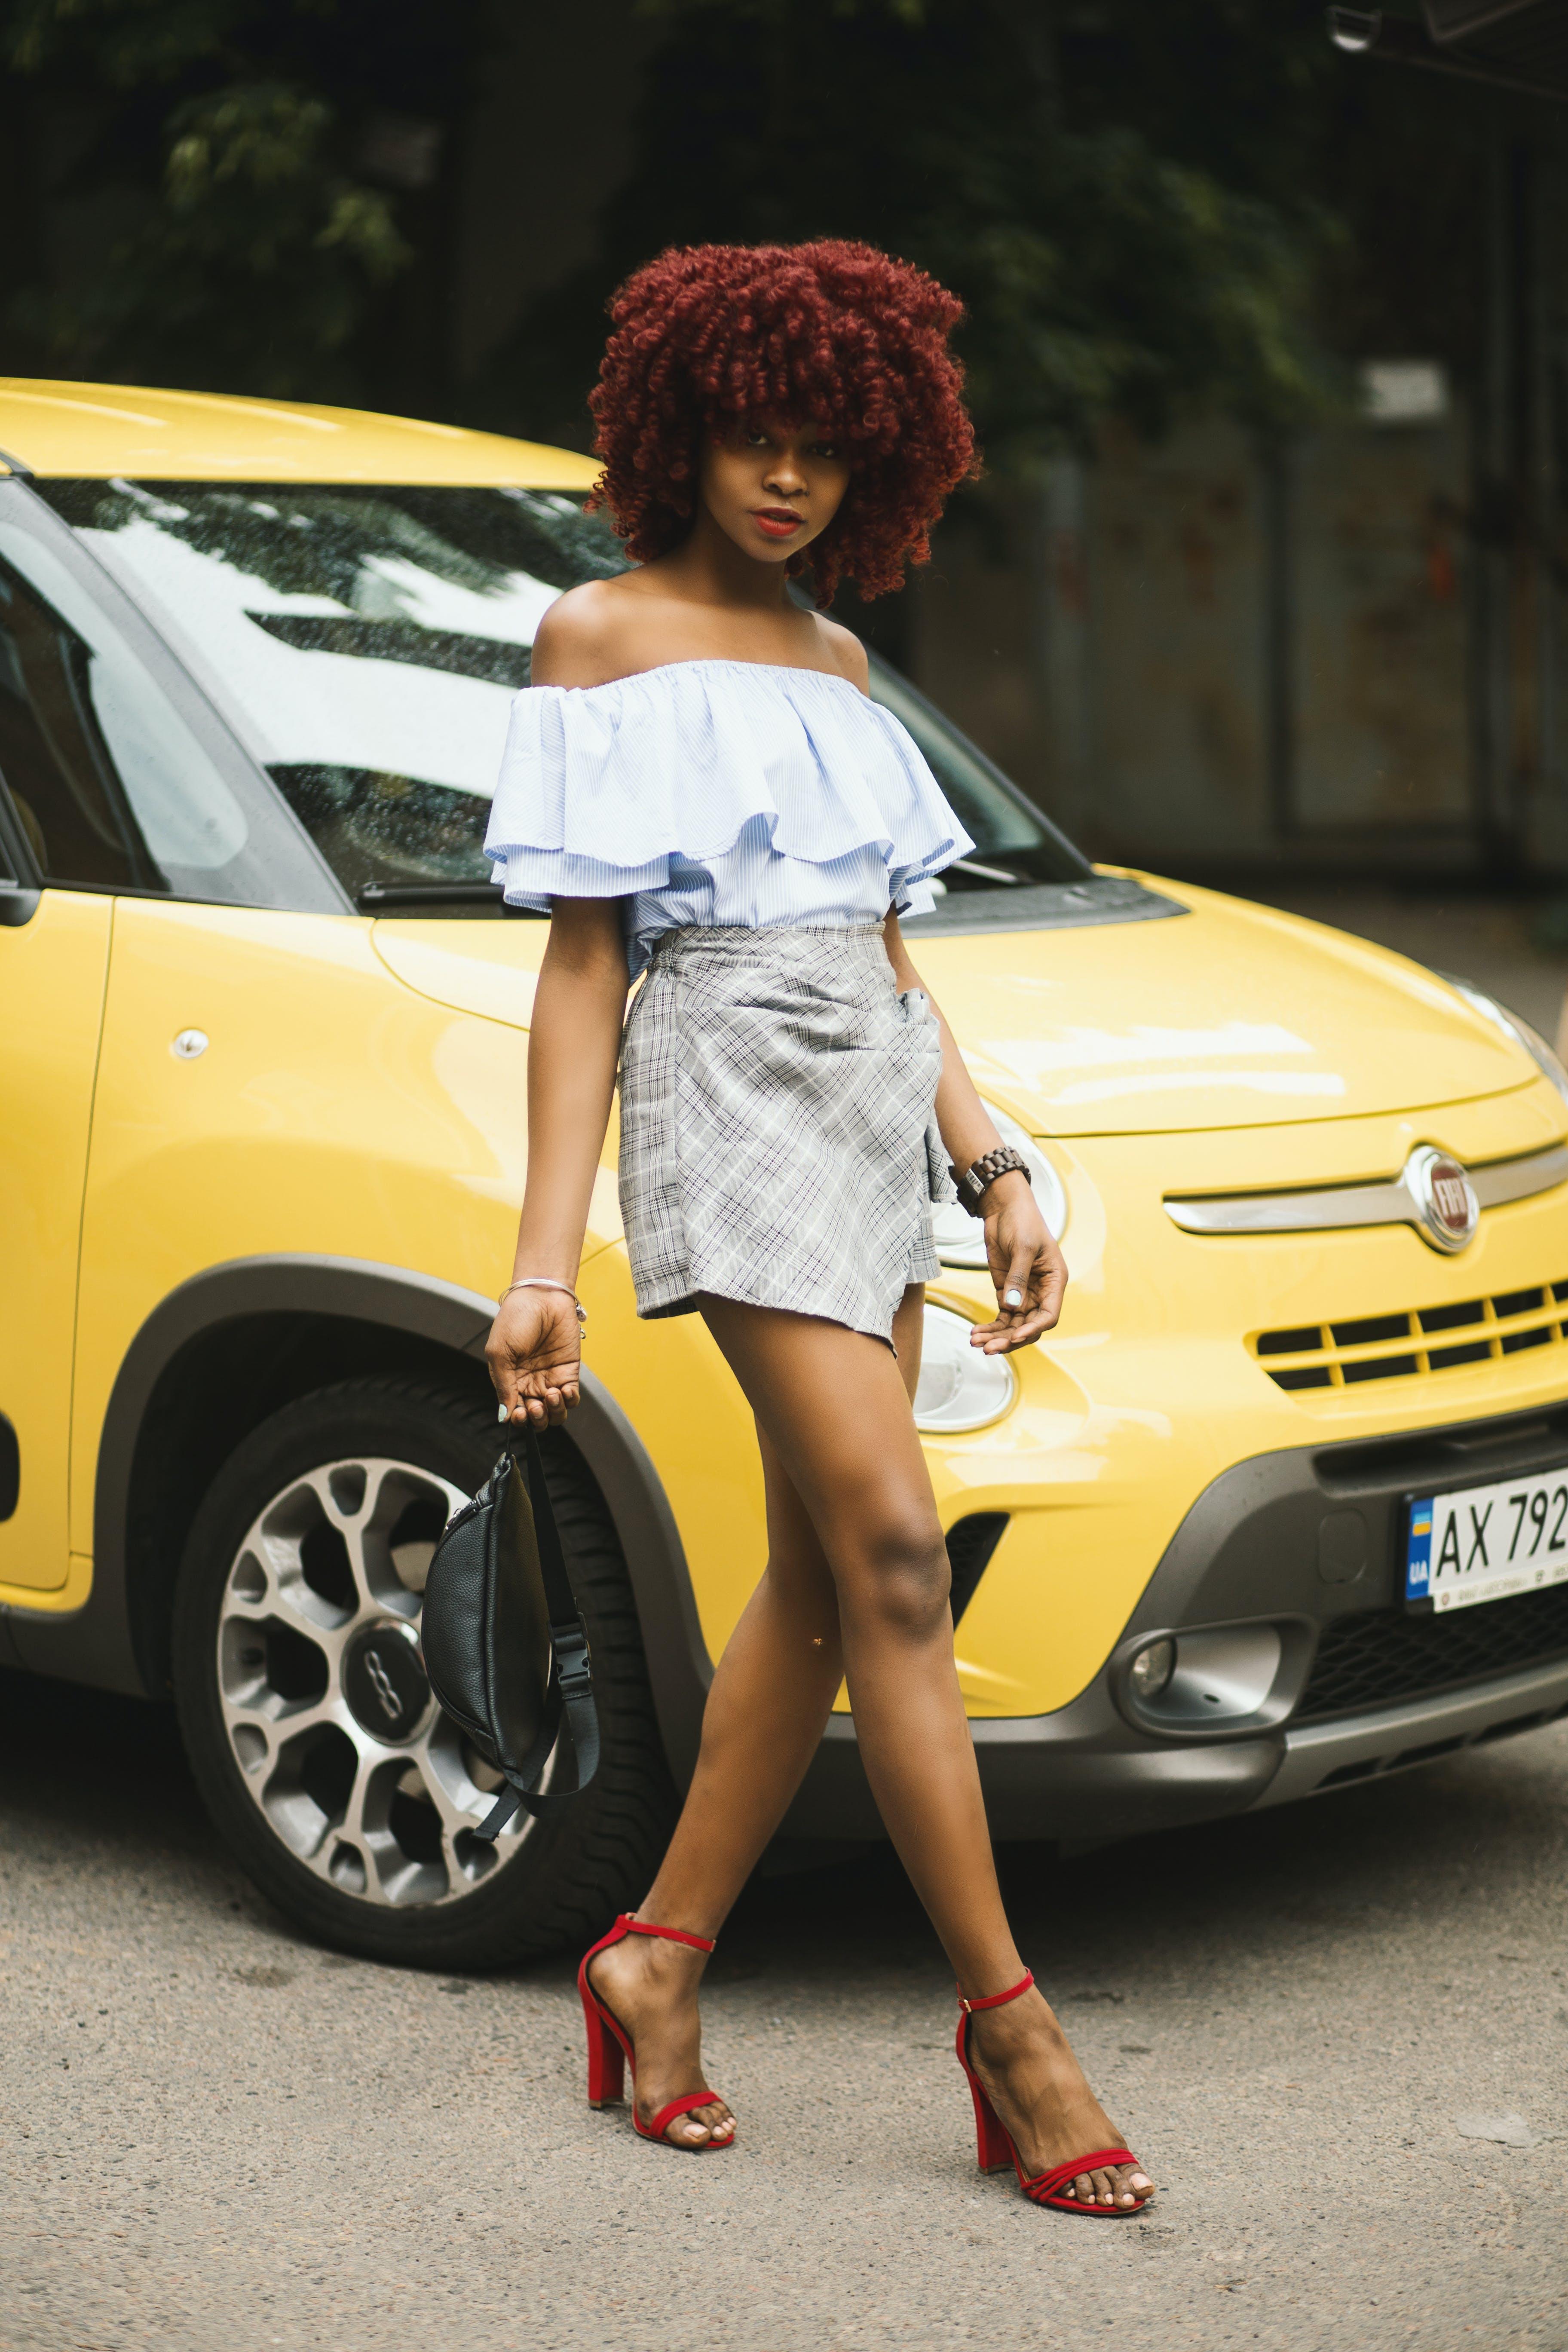 スタイル, ファッション, モデル, レディの無料の写真素材